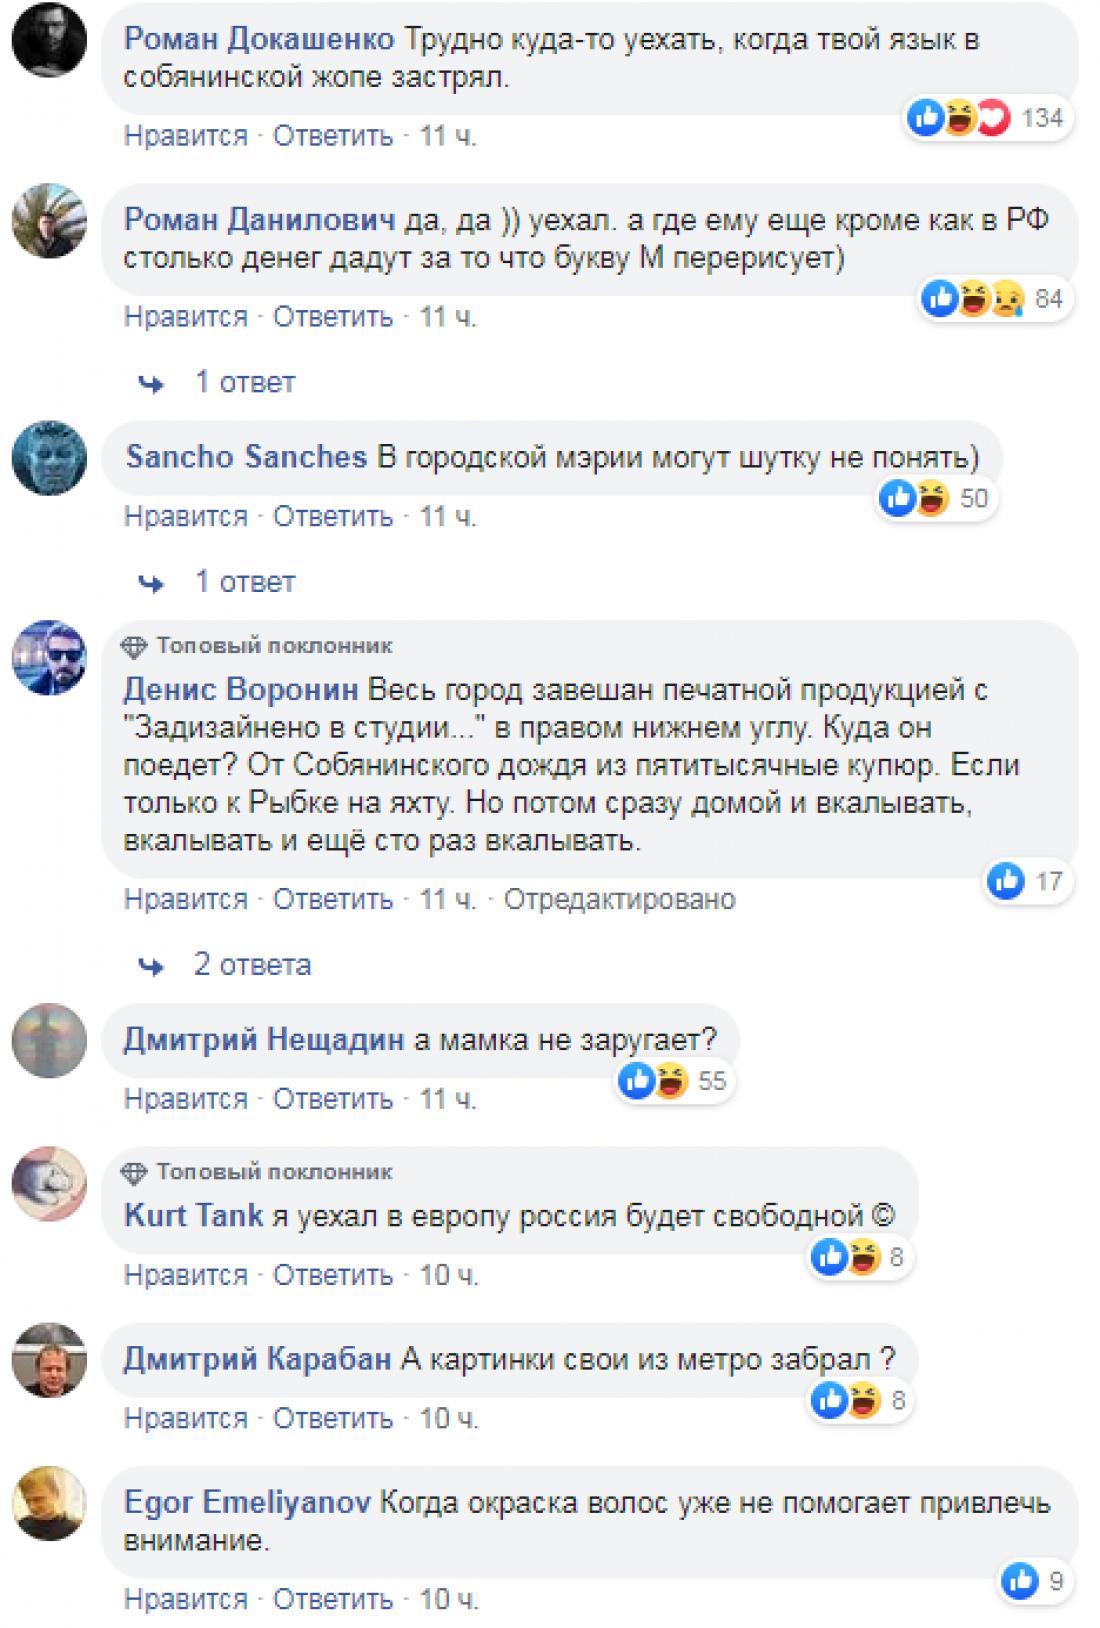 Пользователи комментируют решение Лебедева